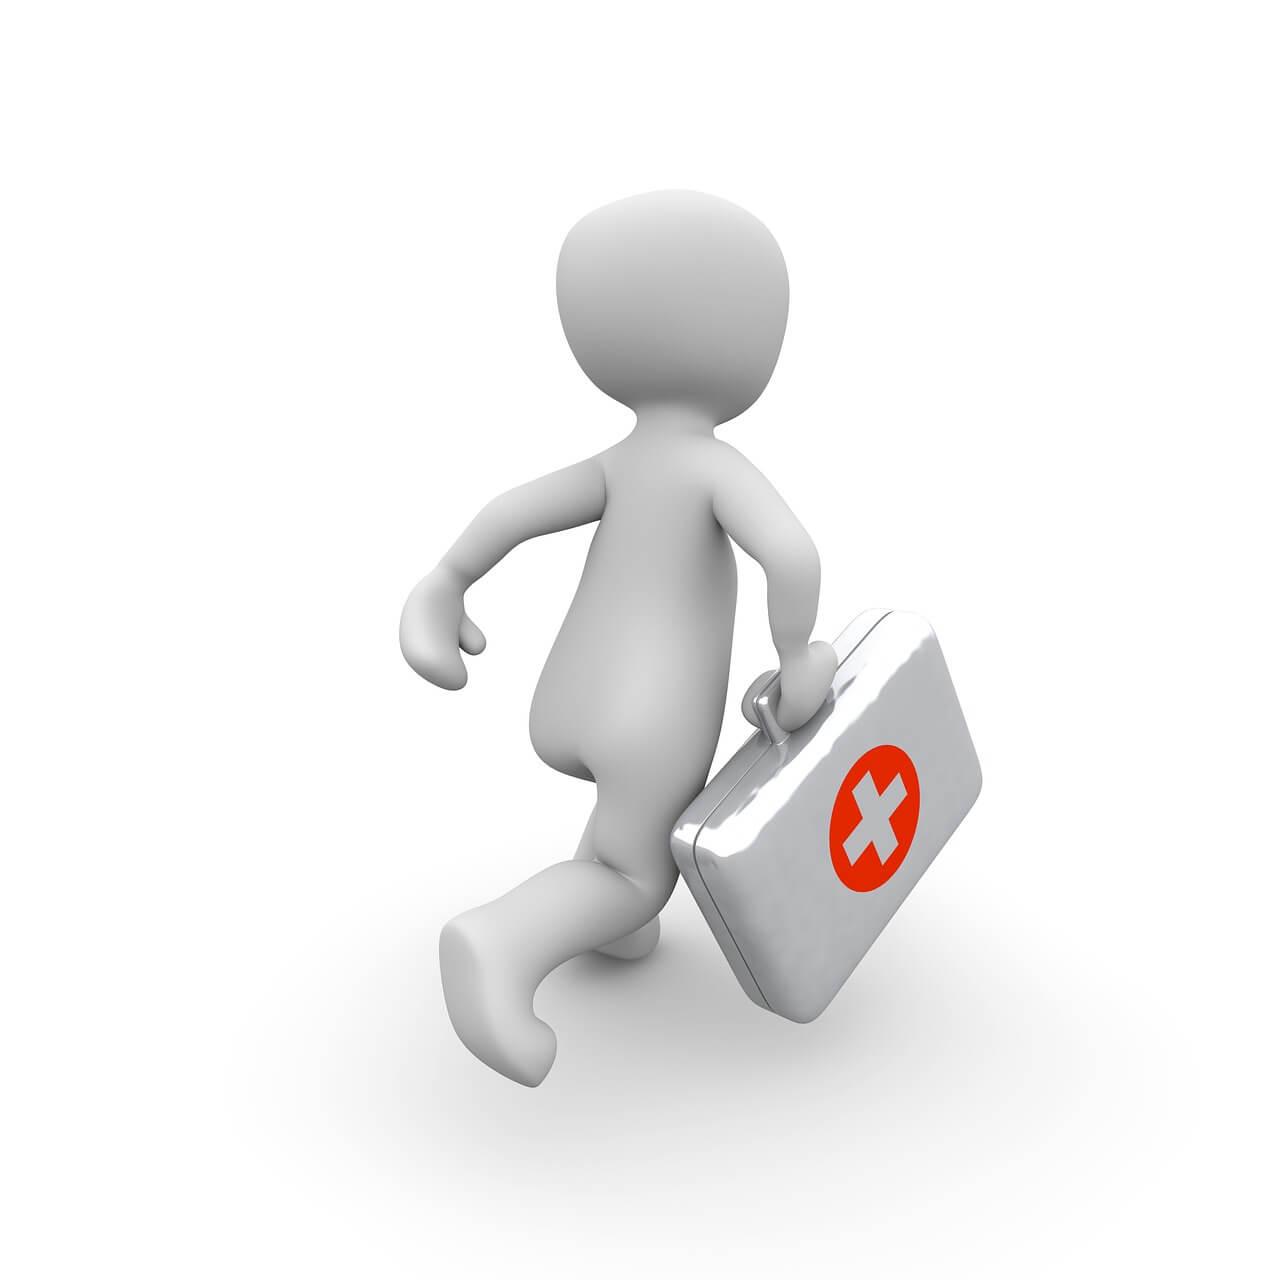 Kindergeld: Rettungshelfer und Rettungssanitäter als Berufsausbildung?